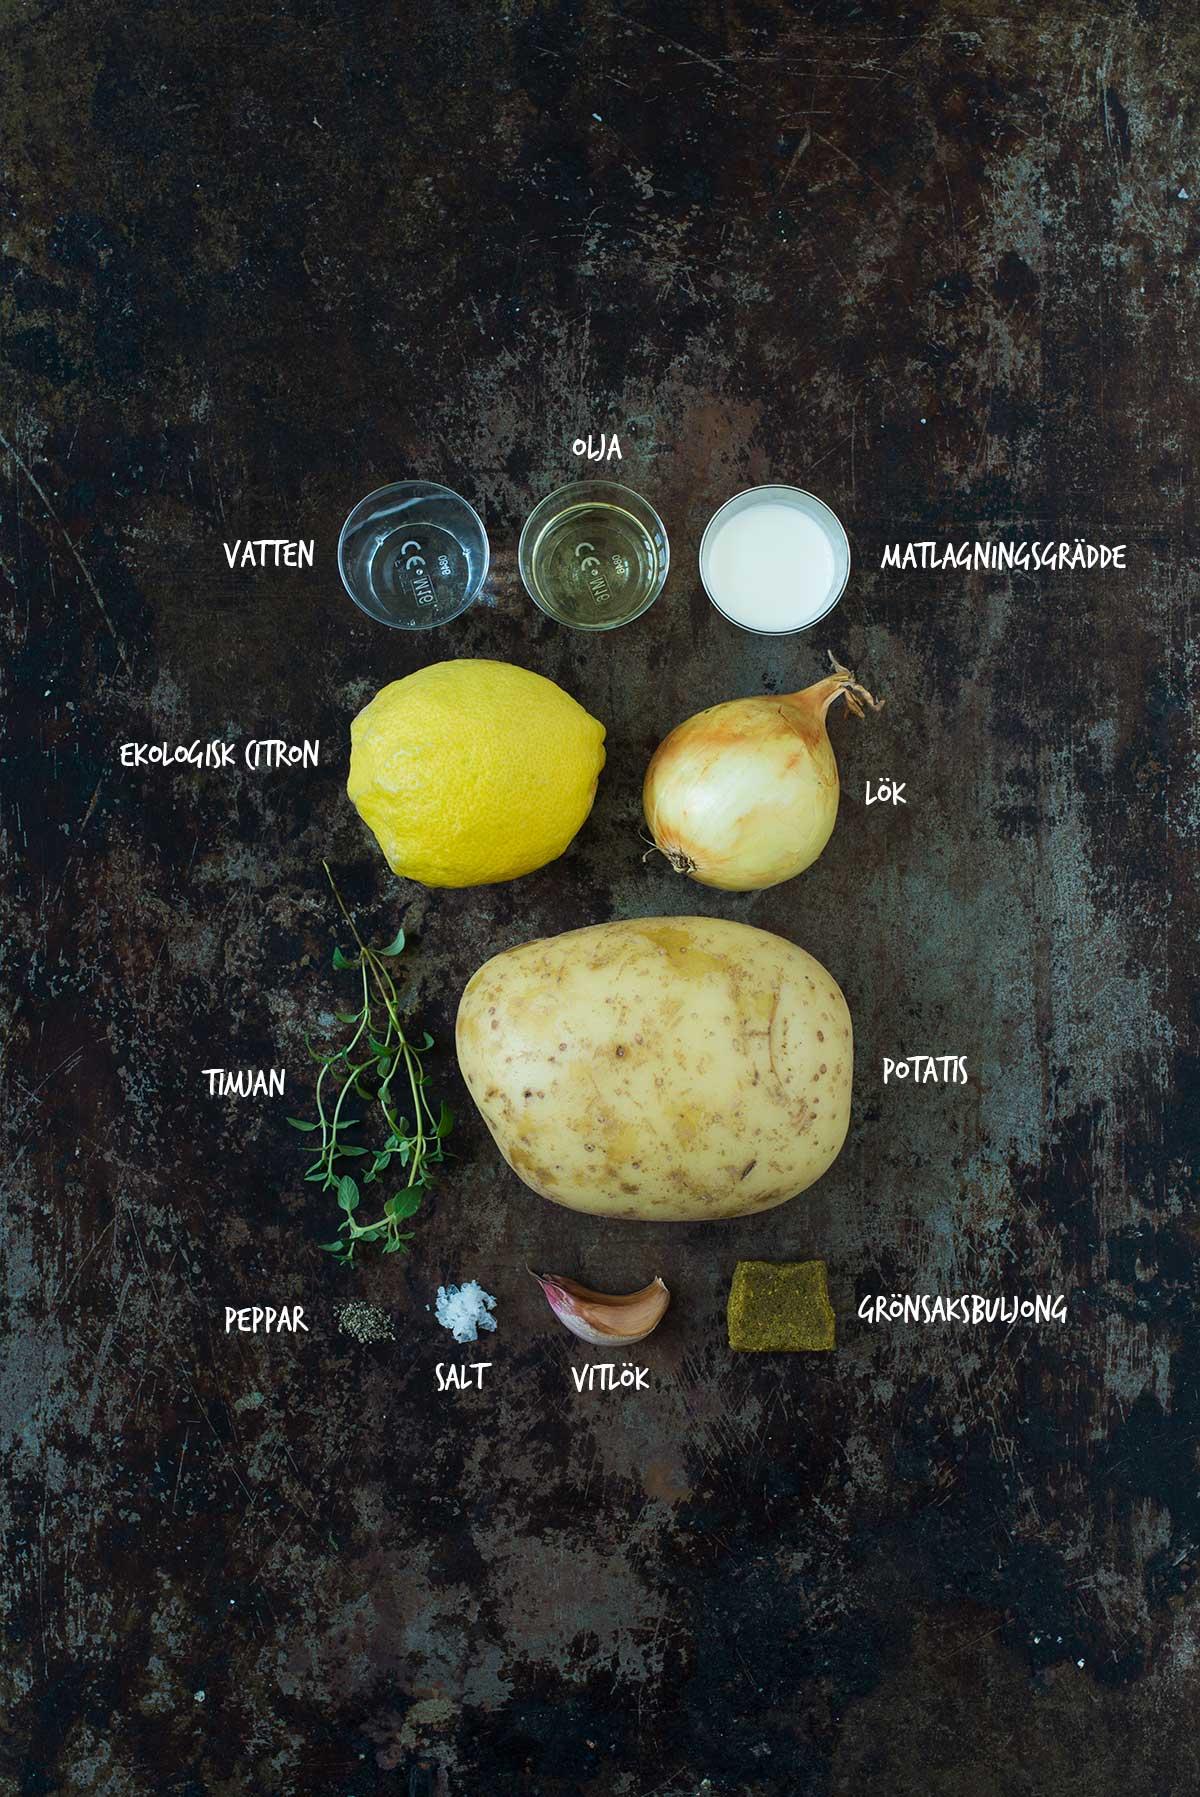 Recept: Potatissoppa med citron och timjan | Frk. Kräsen